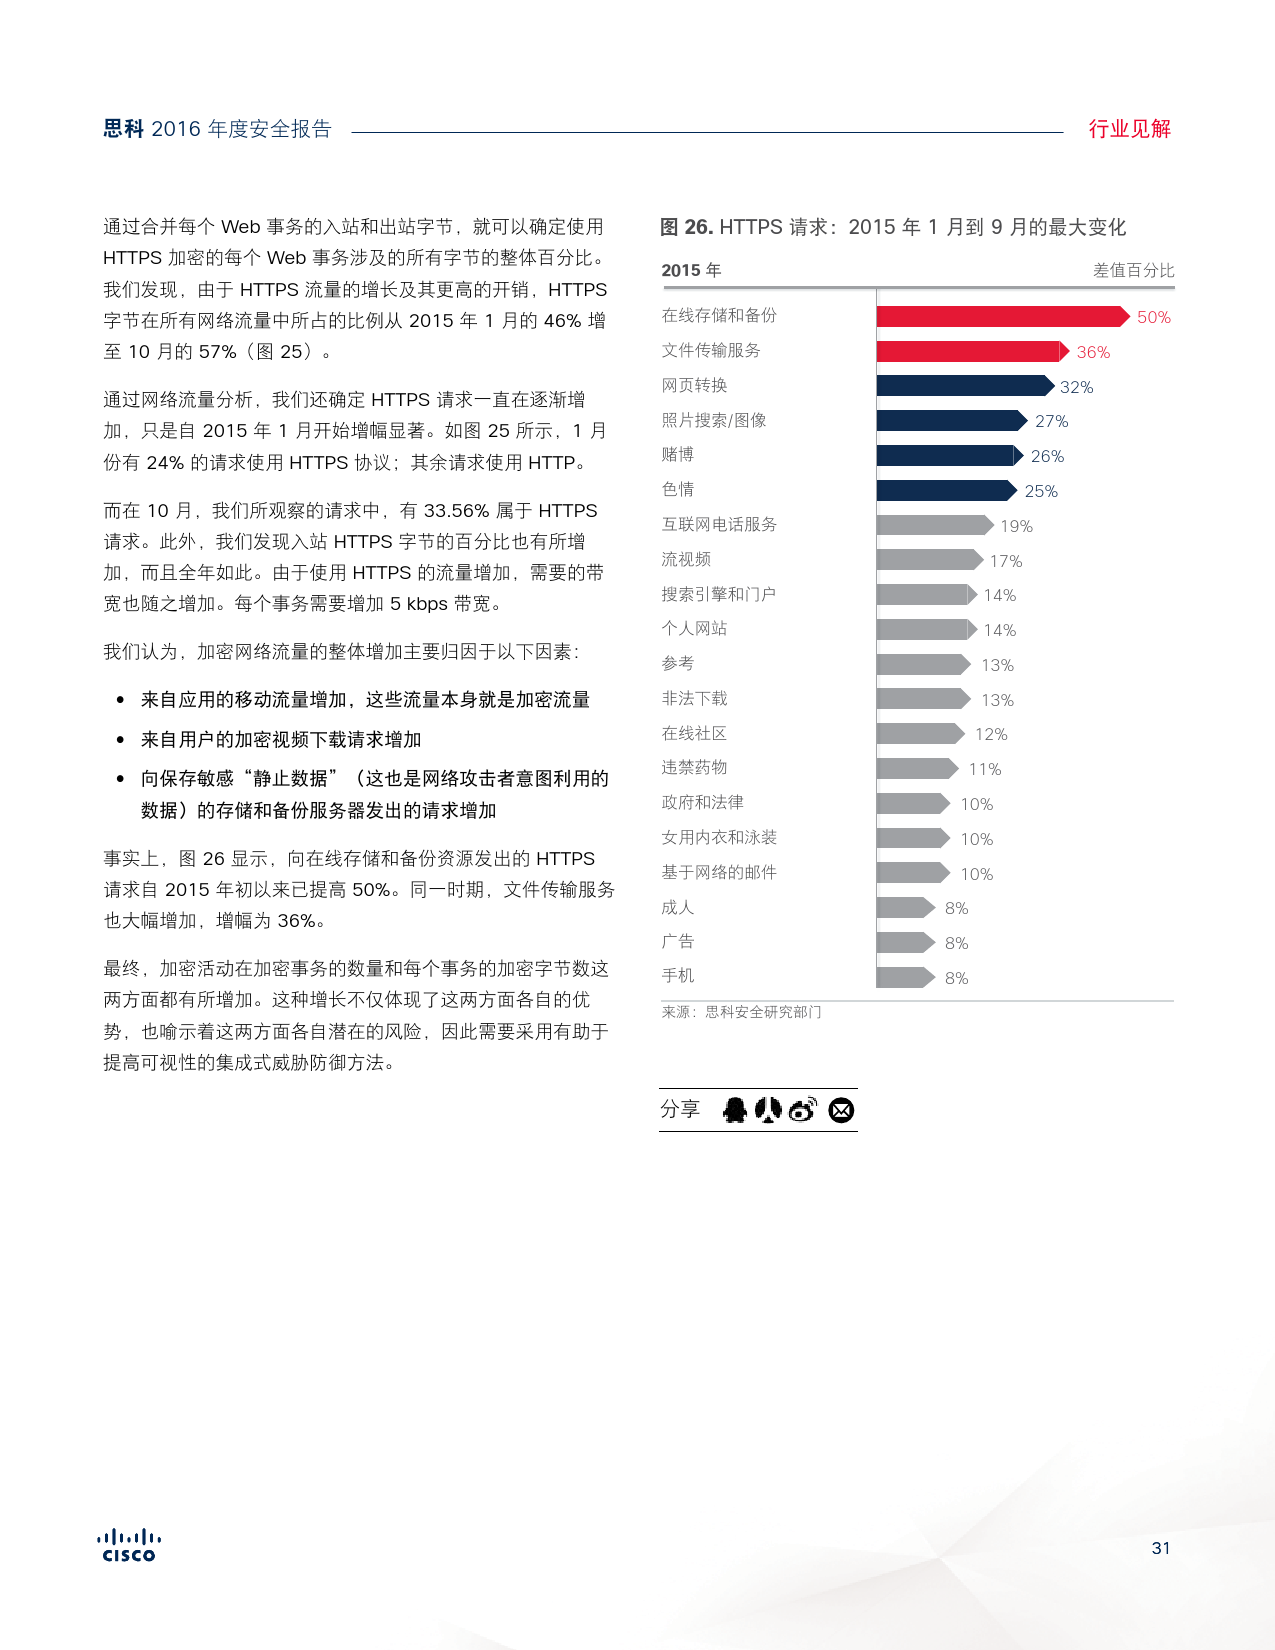 2016年中网络安全报告_000031